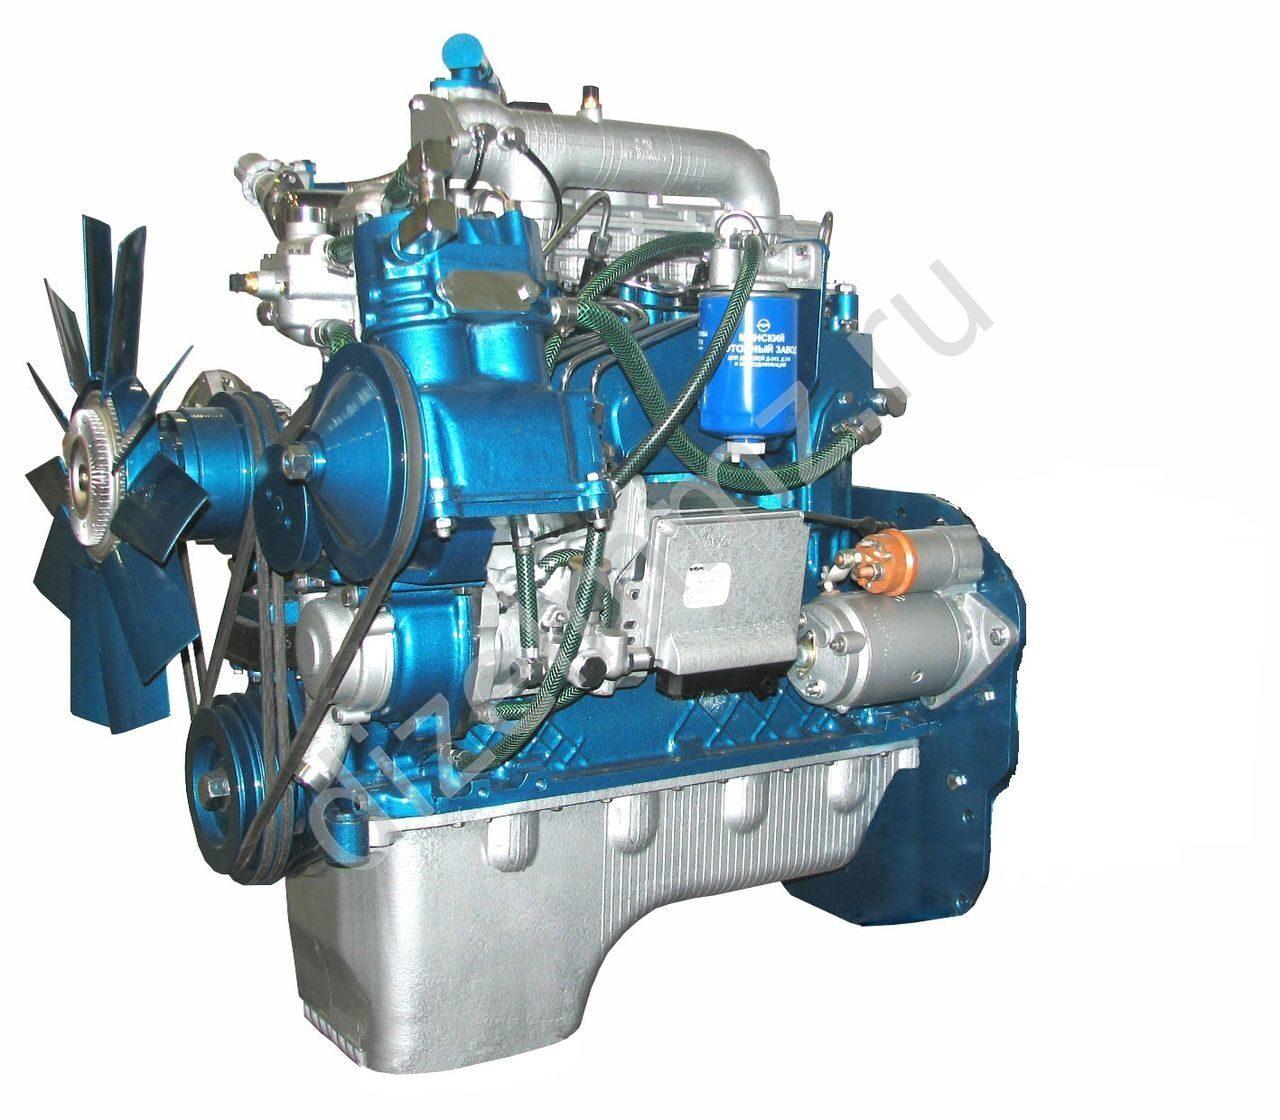 размеры общий вид двигателя 3а фото тхару: